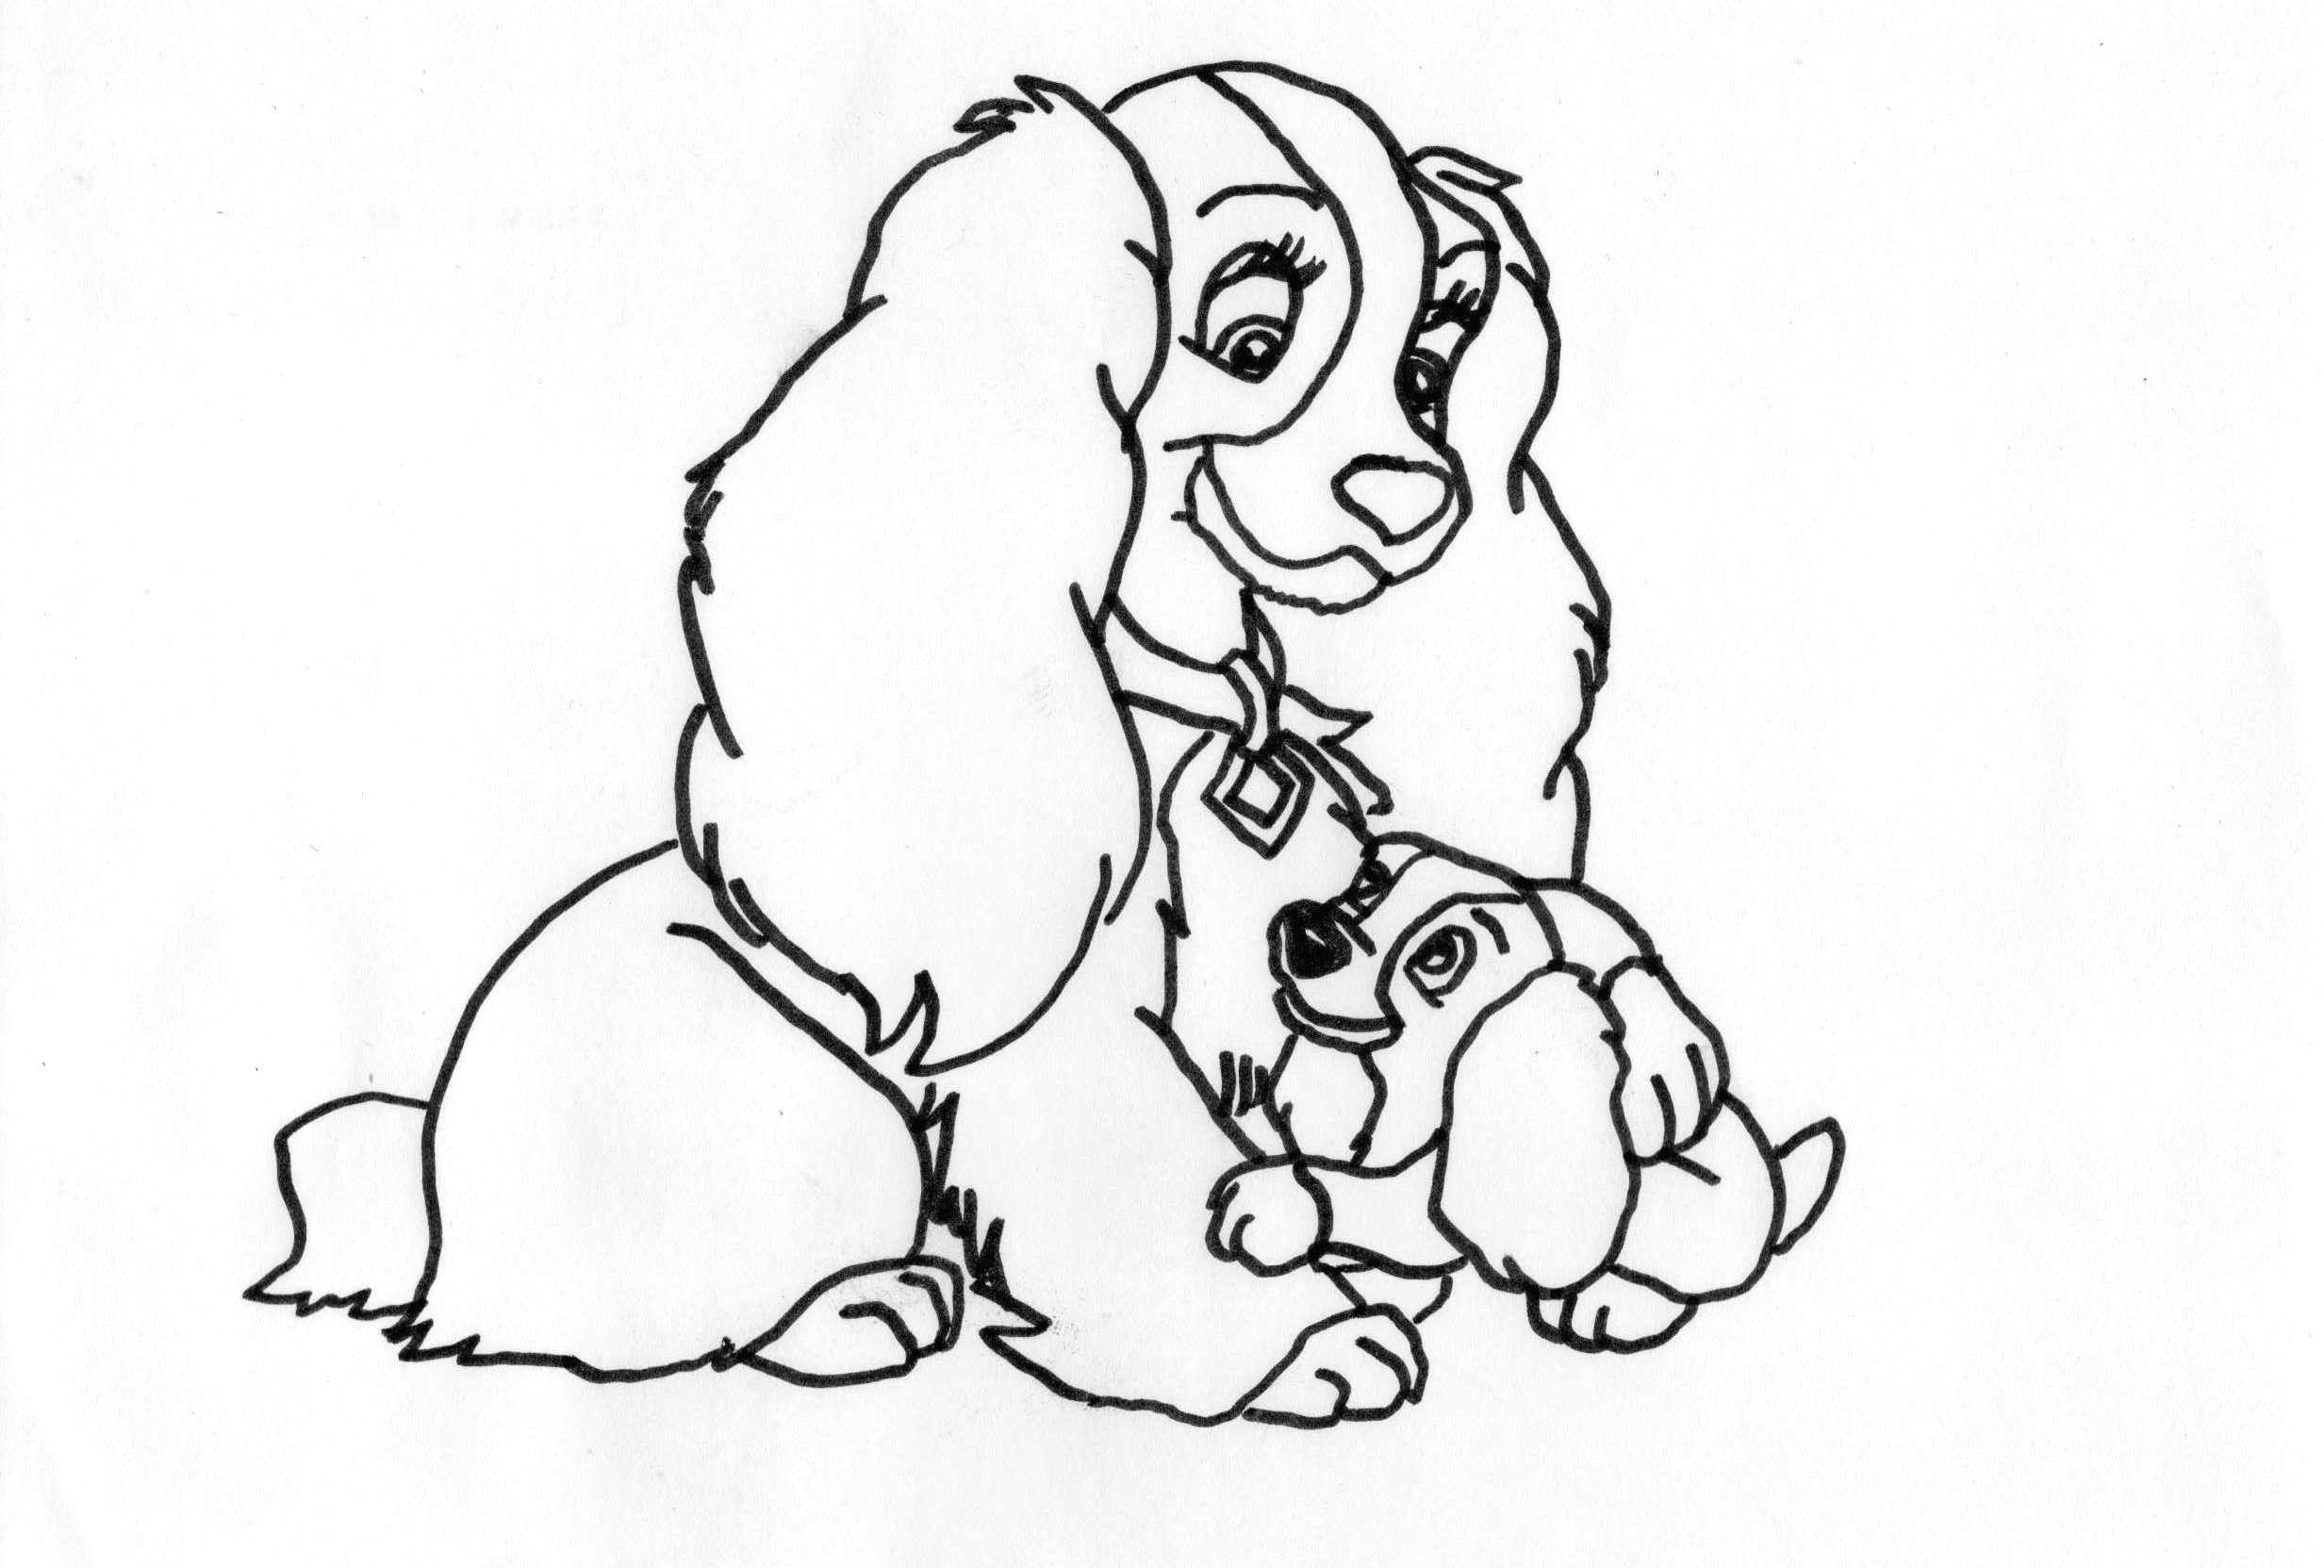 Disegni Da Colorare E Stampare Della Disney